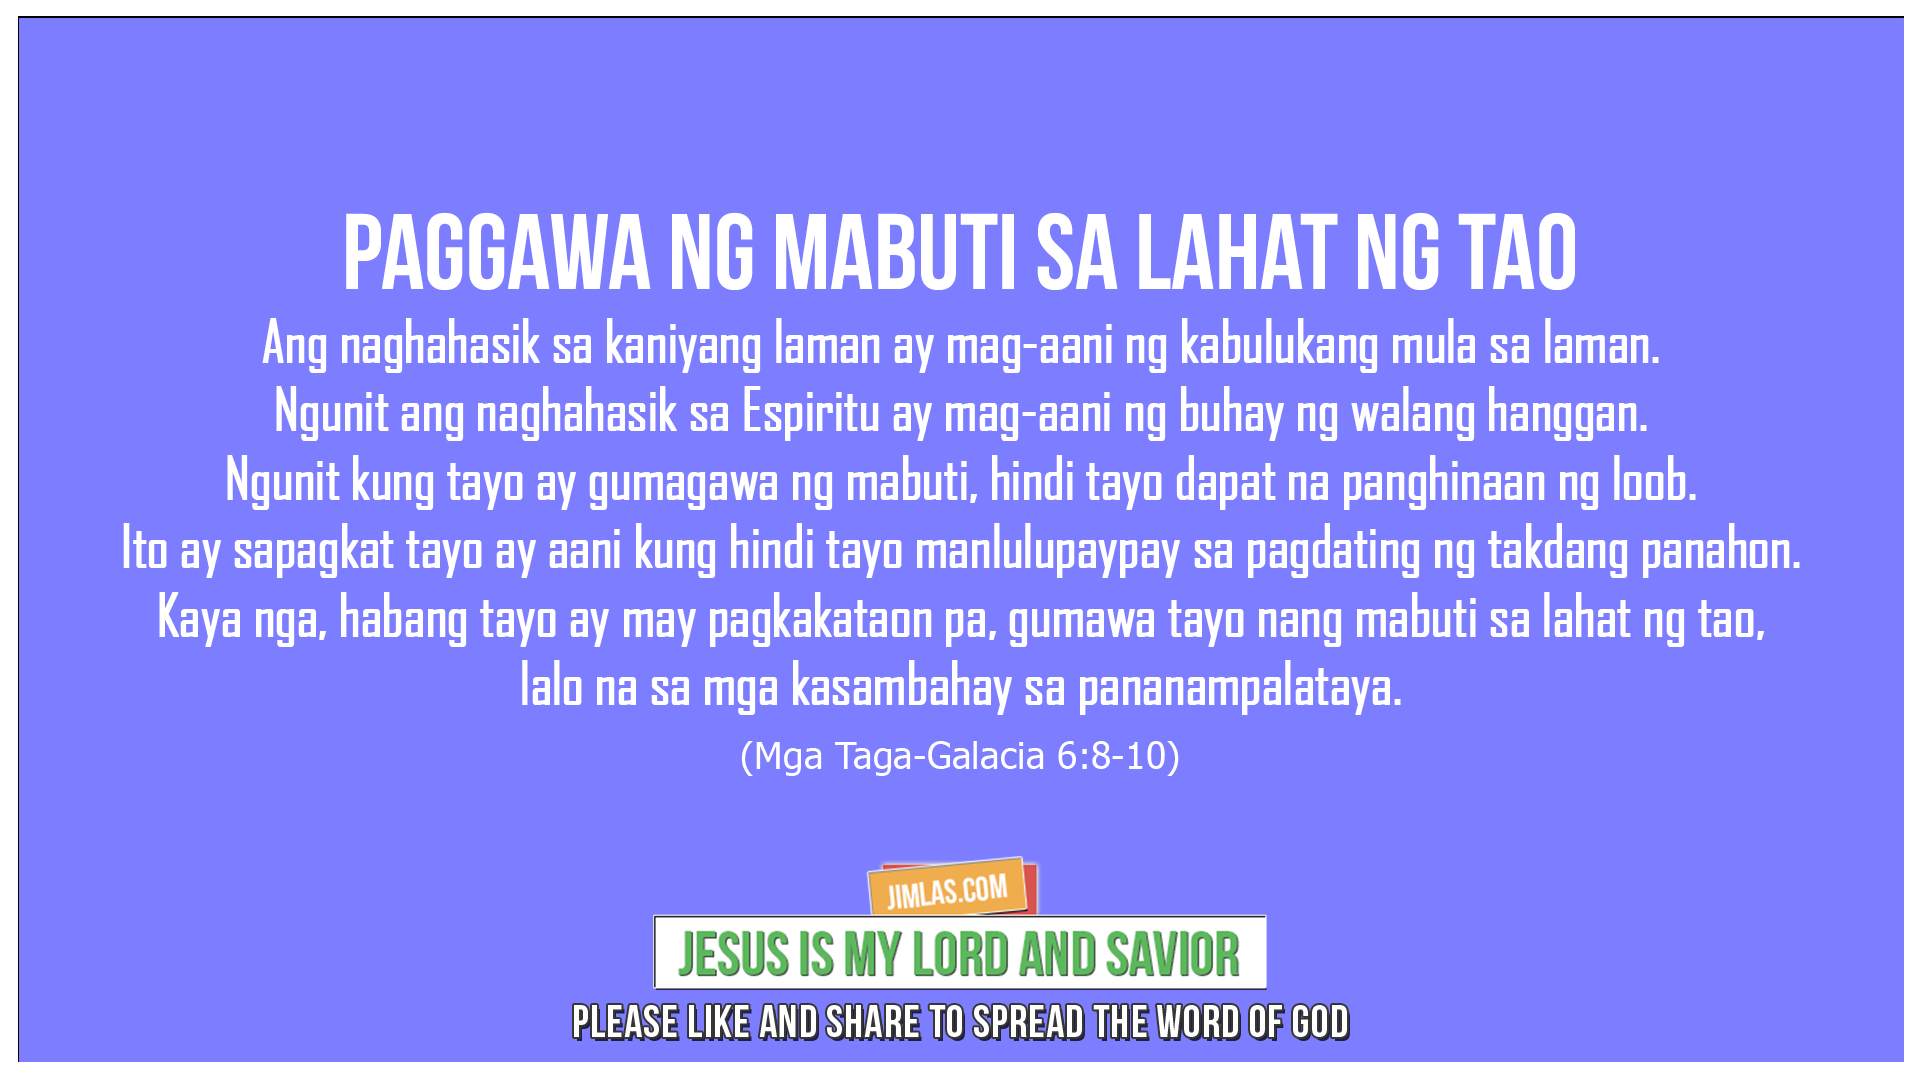 Mga Taga-Galacia 6:8-10, Mga Taga-Galacia 6:8-10